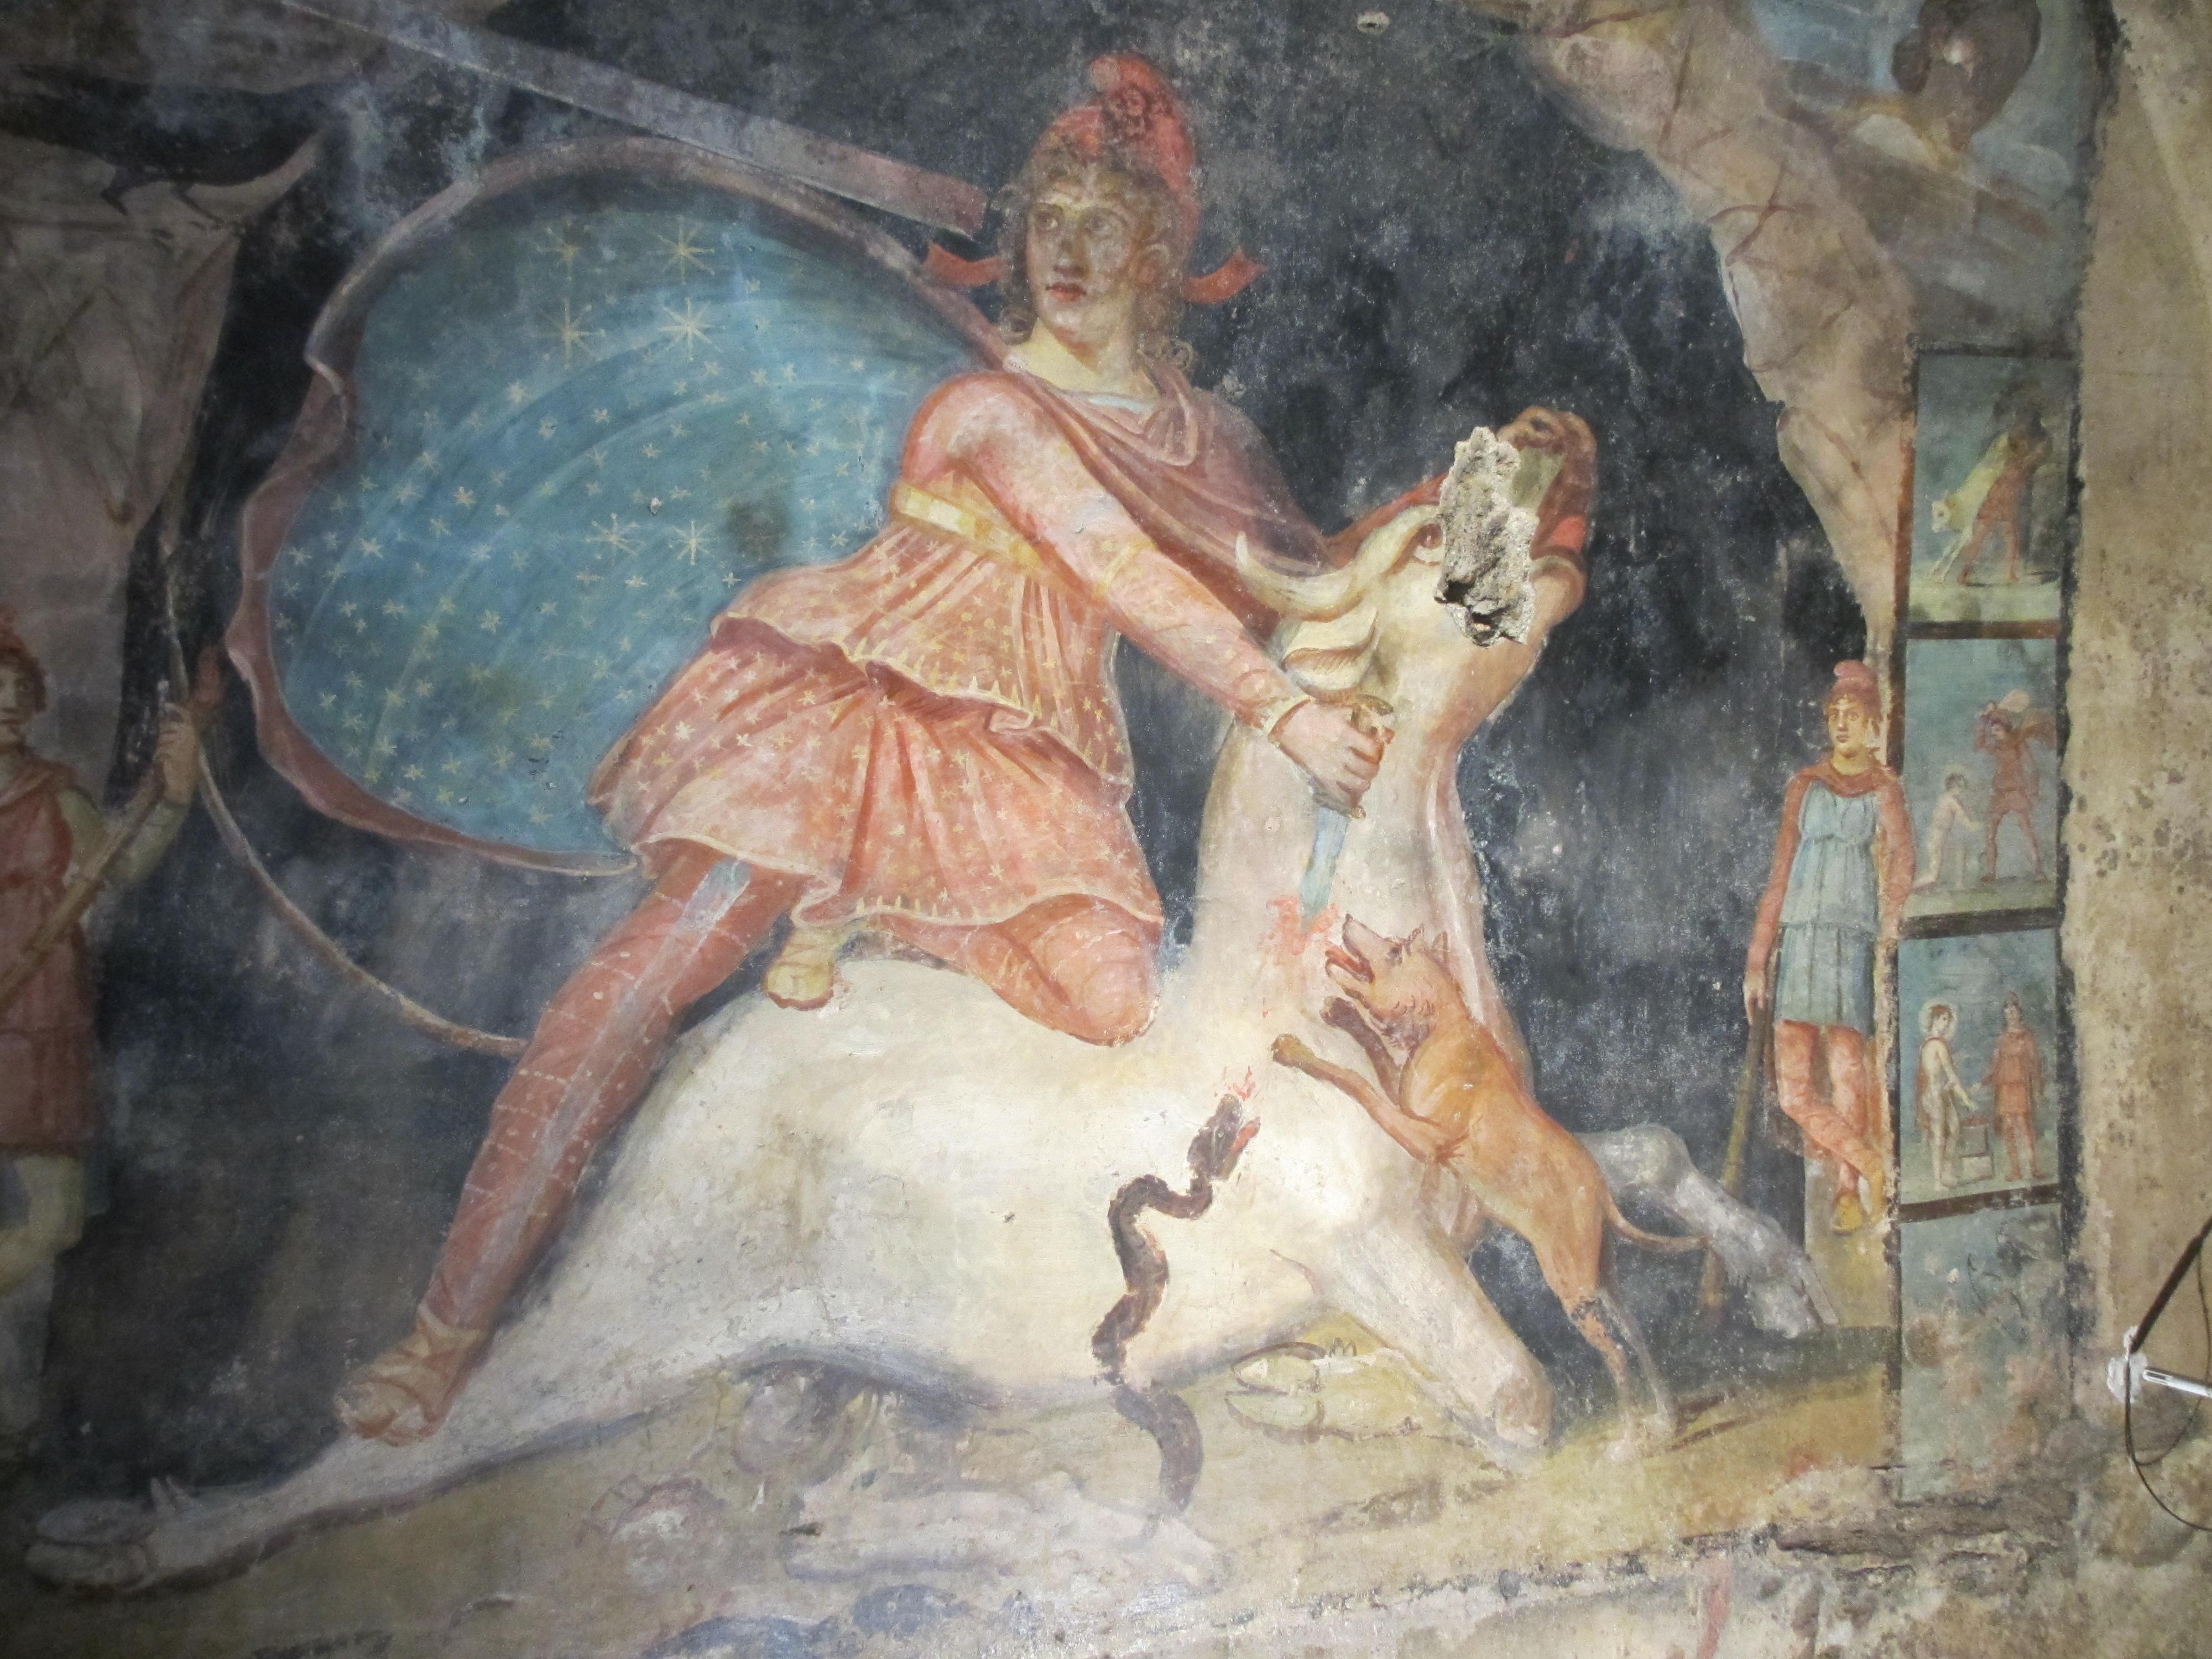 Foto 4: Mithrase härjaohvrit kujutav maal Marino (Itaalia) mithraeum'ist. Paremal servas on näha teisi stseene Mithrase elust, mida kujutavad ka fotol 3 põhikujutist ümbritsevad stseenid (foto: Jaan Lahe)